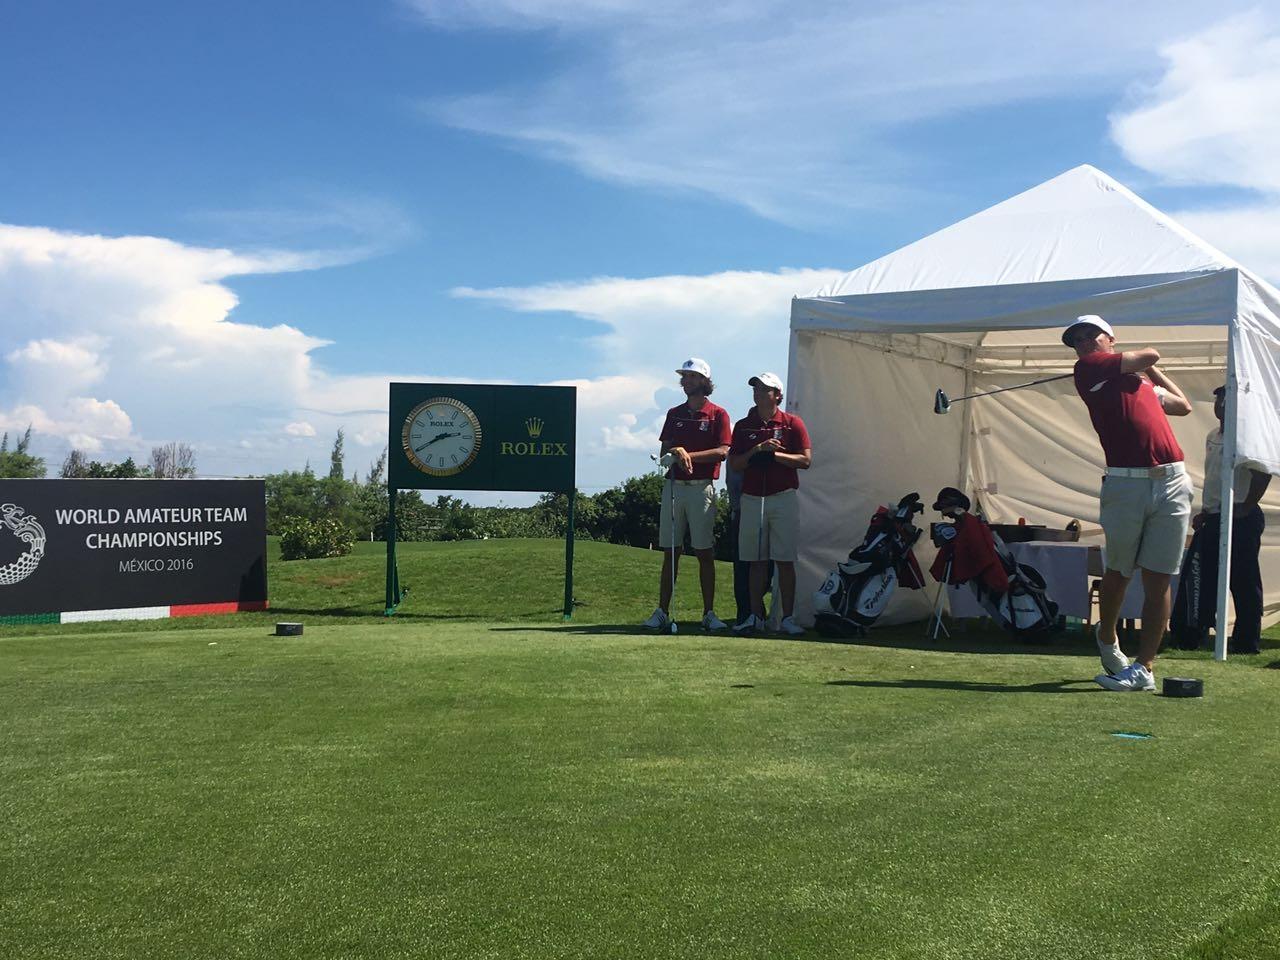 el-equipo-de-venezuela-fue-el-mejor-de-latinoamerica-en-mundial-de-golf-amateur-de-mexico